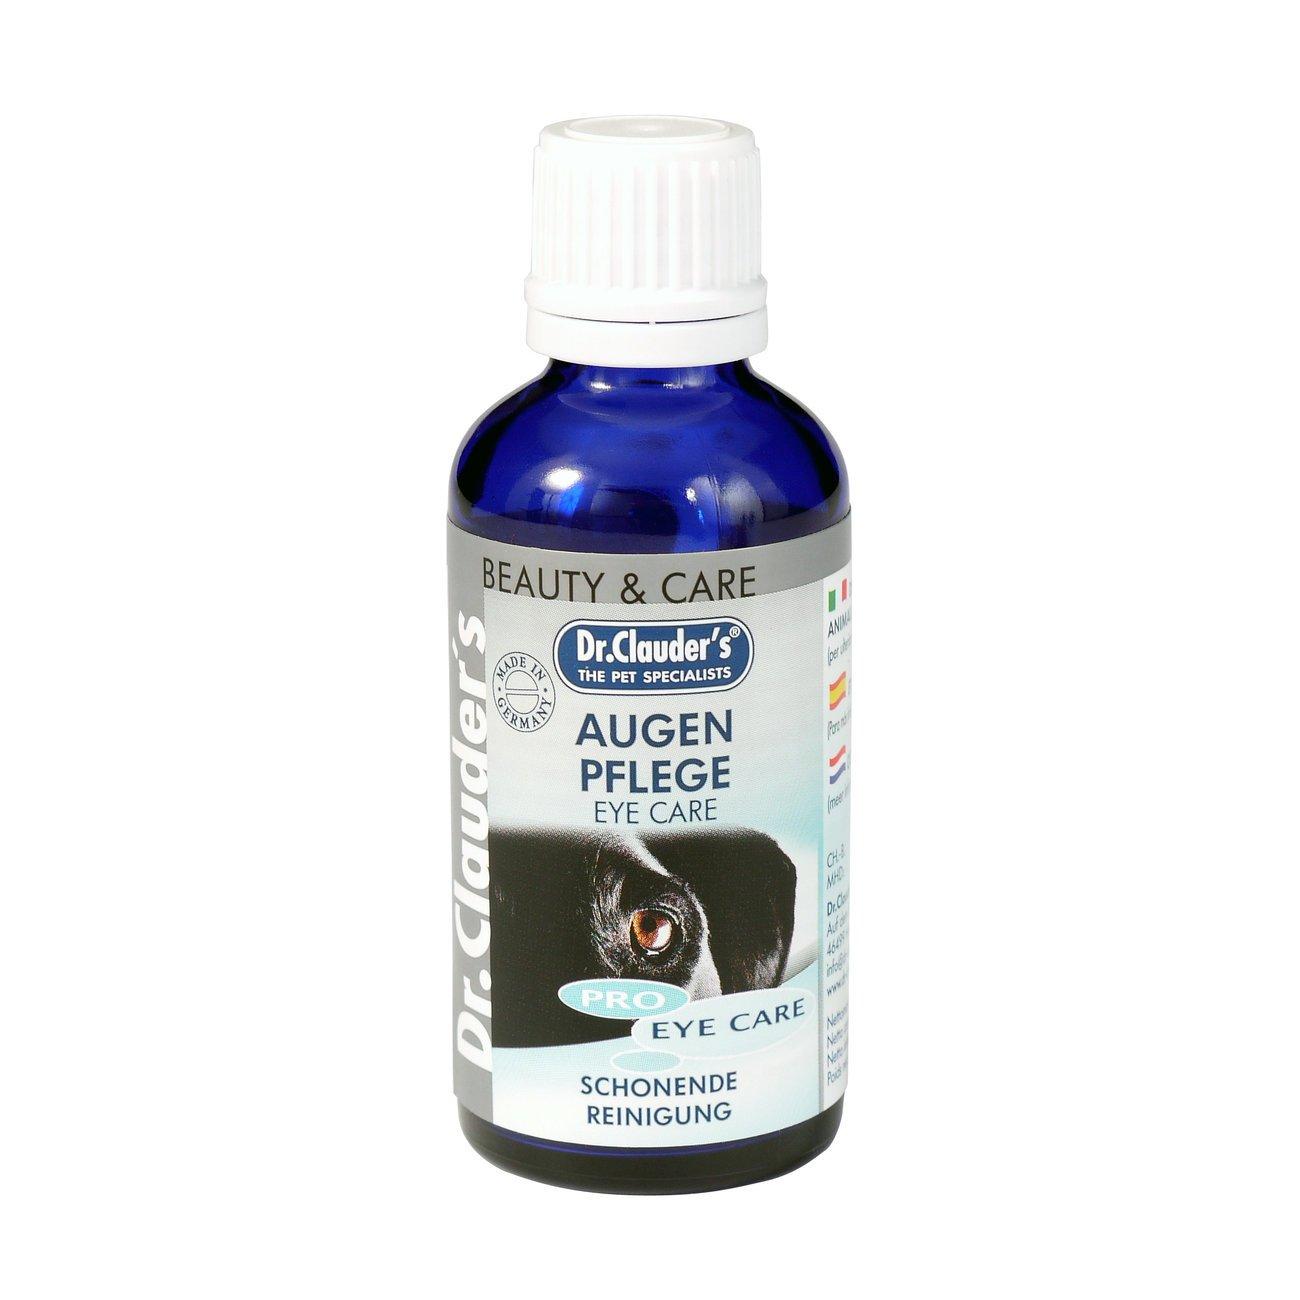 Dr. Clauders Augen-Pflege für Hunde und Katzen